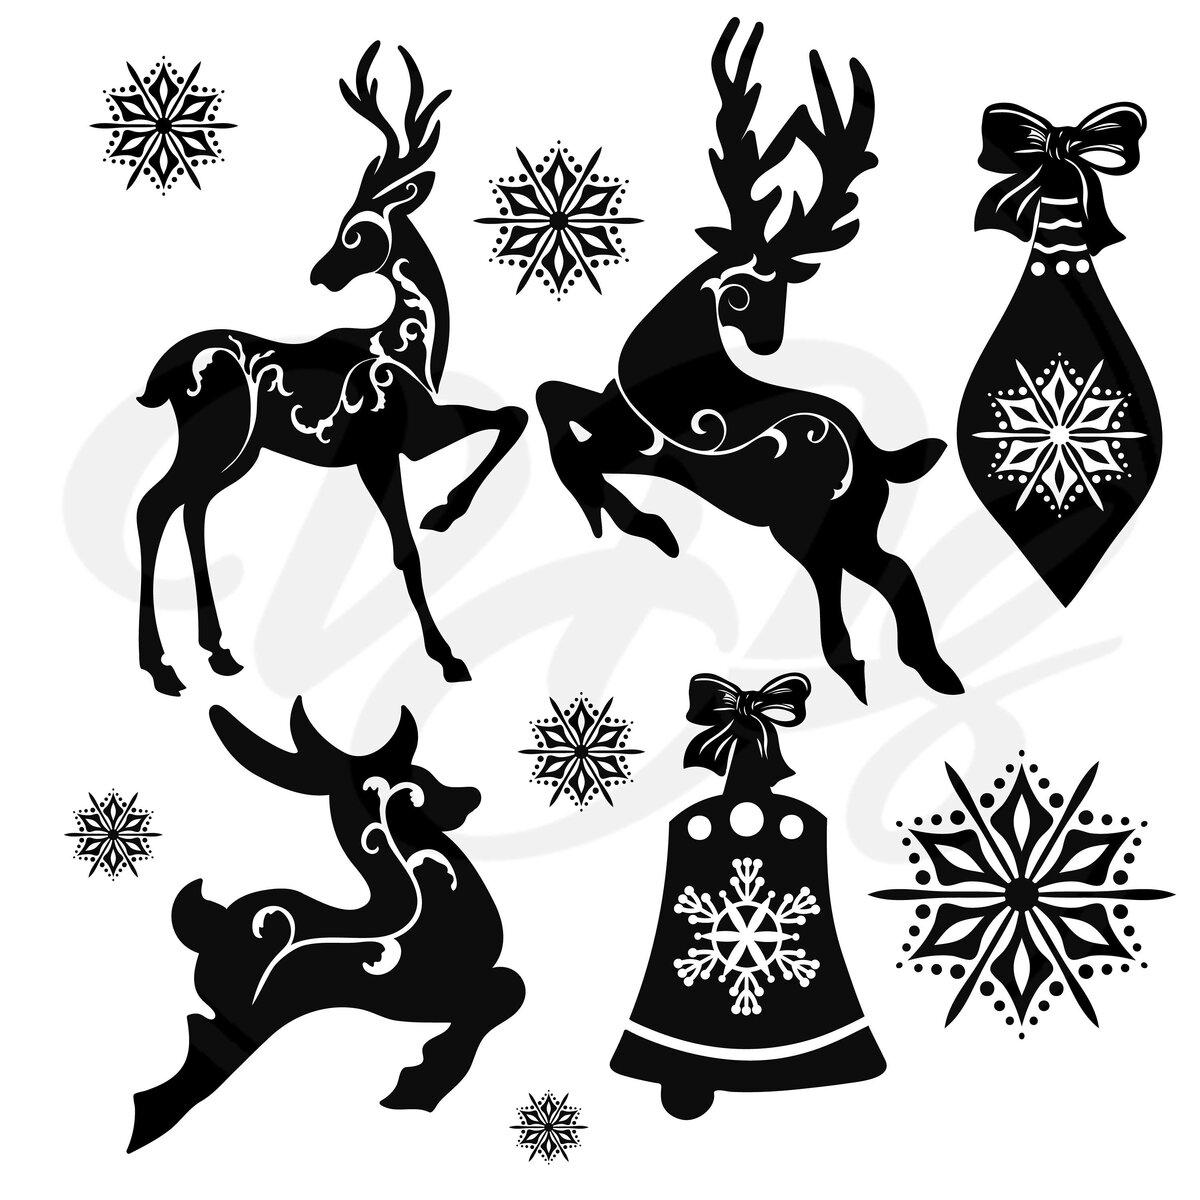 новый год картинки черно белые трафареты вашей